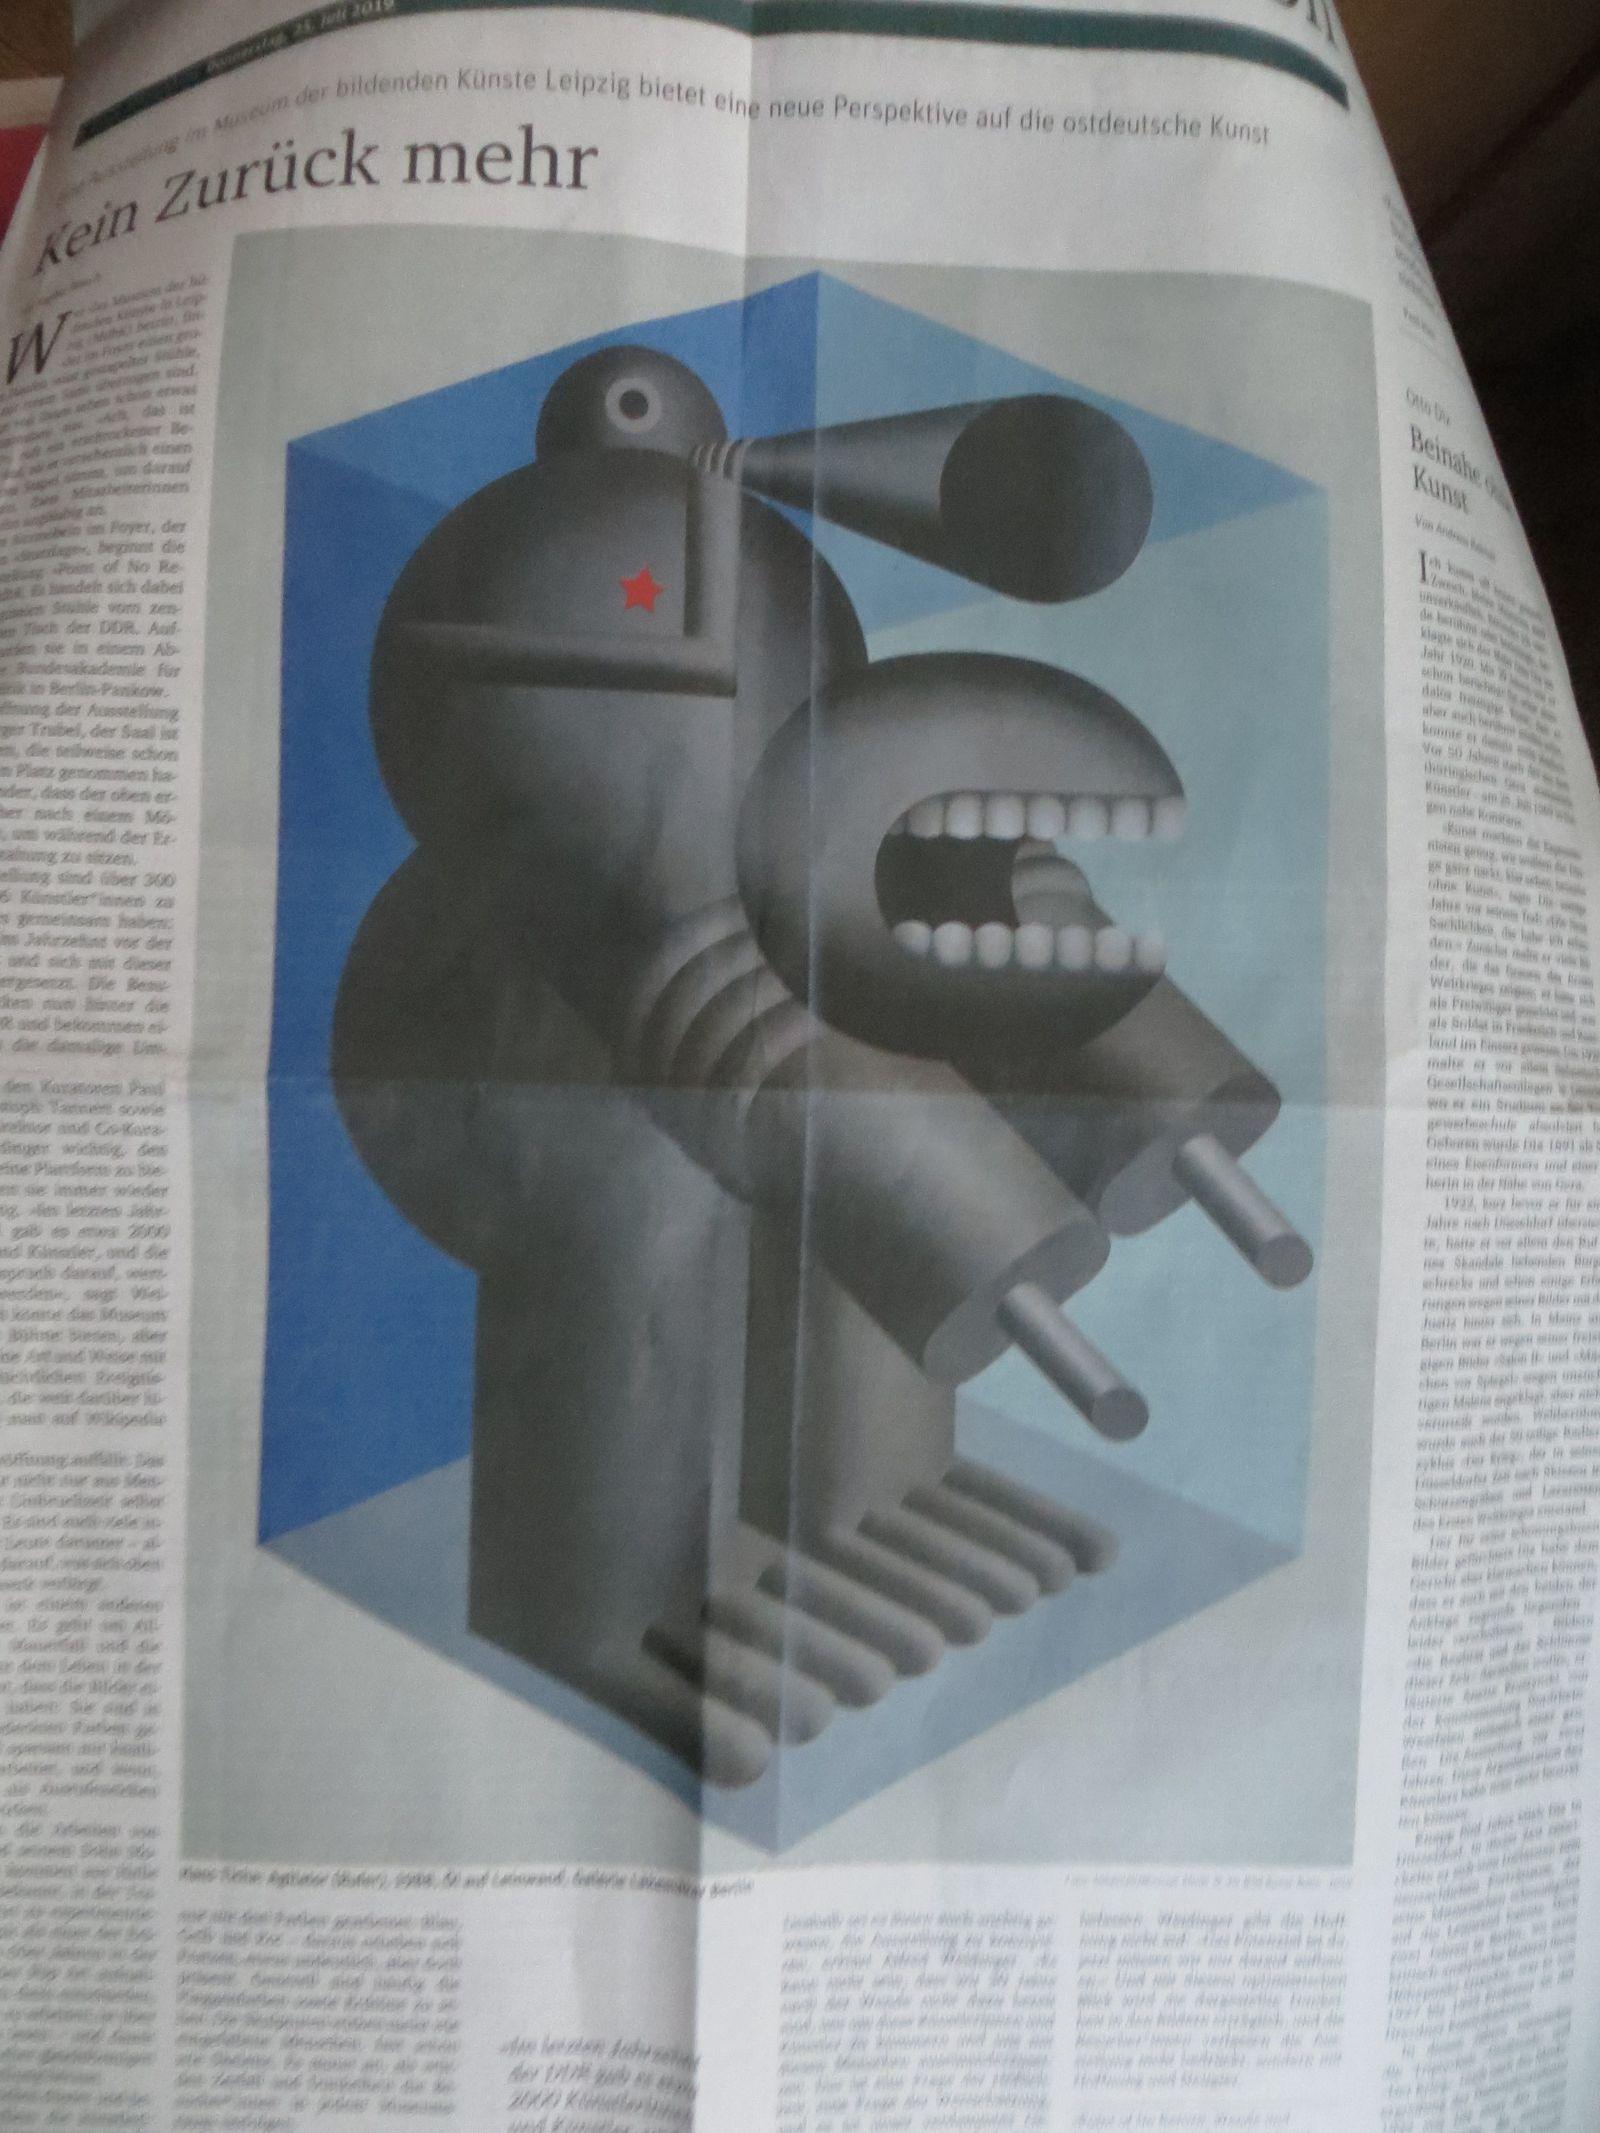 GroKo mit Schäuble und Scholz macht immer weiter CumCum deutsche Wirtschaftskriminalität - featured image